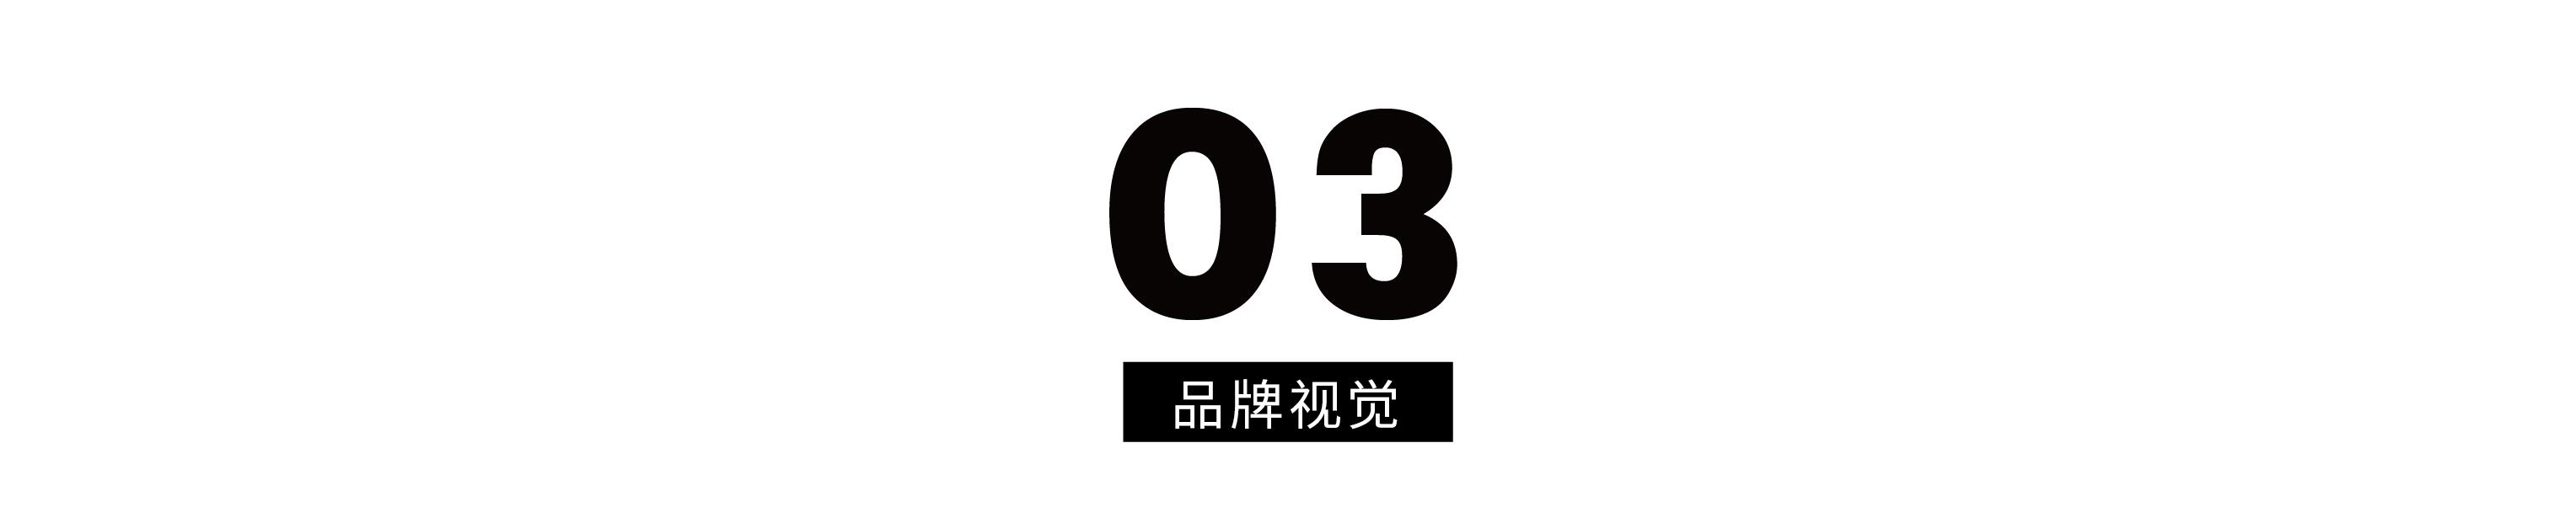 申大福mixi_画板 1 副本 14.jpg